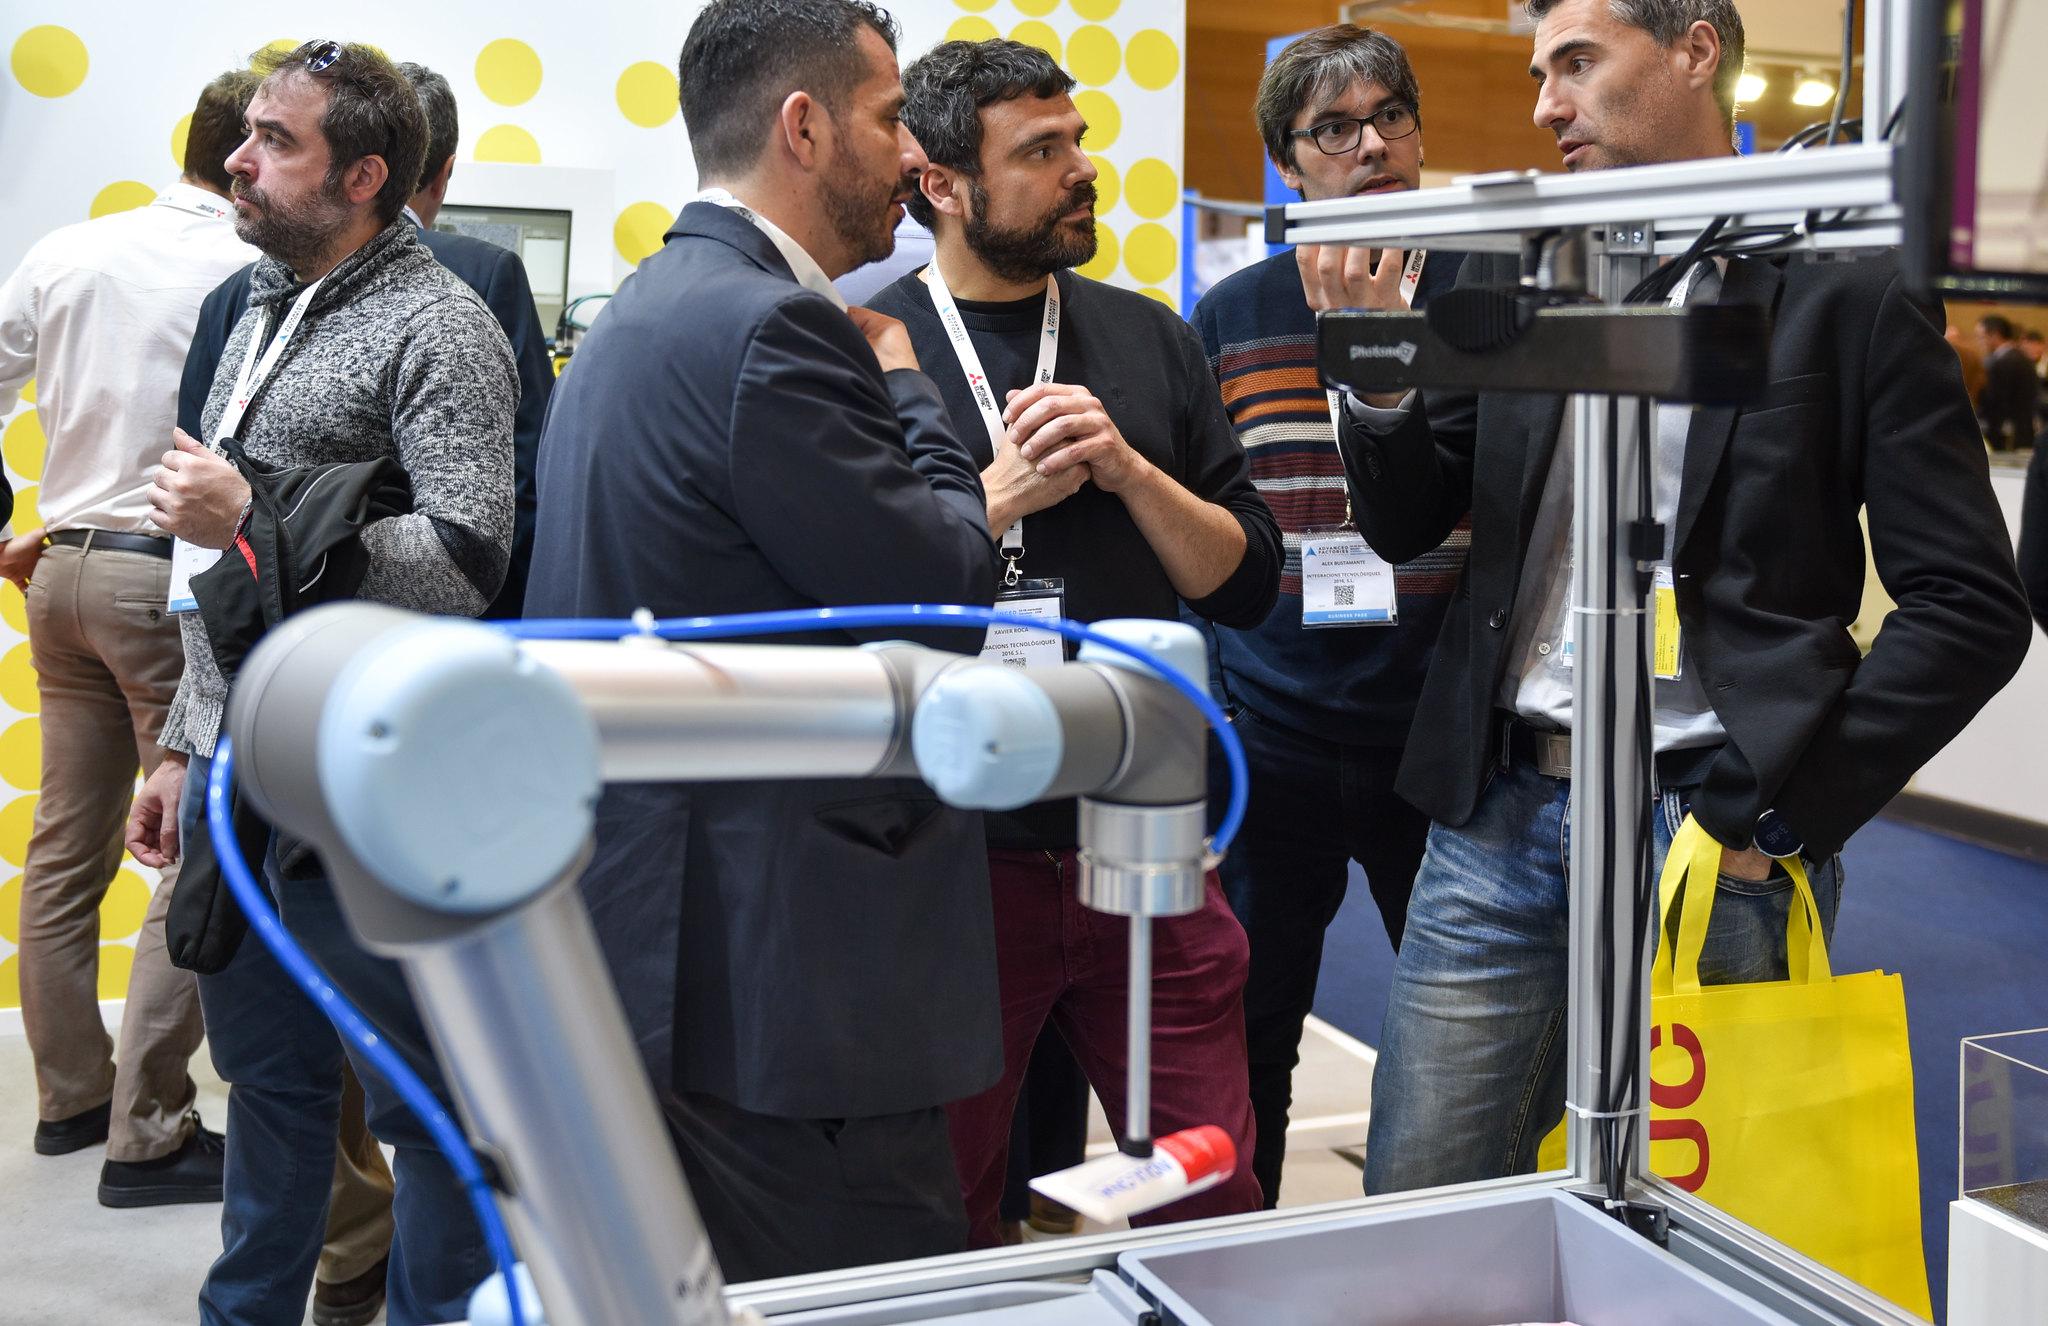 Analítica de datos, inteligencia artificial, automatización, blockchain, biotecnología y robótica: las 6 tecnológicas que transforman la industria alimentaria